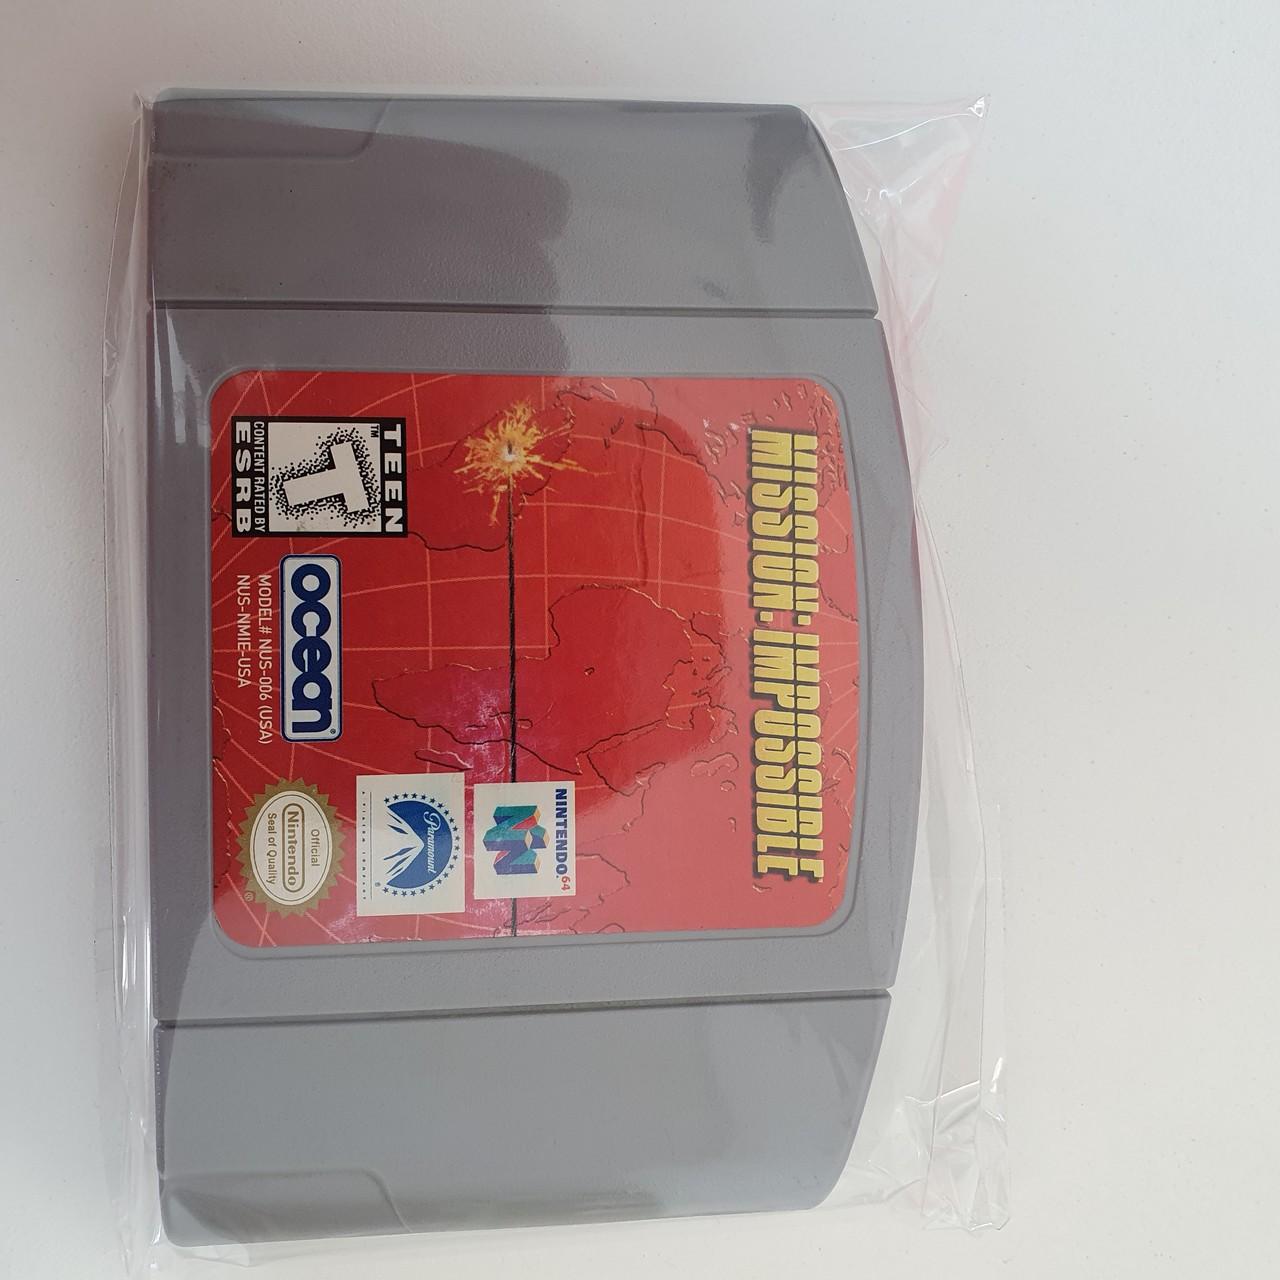 Mission: Impossible - Cartucho - Nintendo 64 - Usado